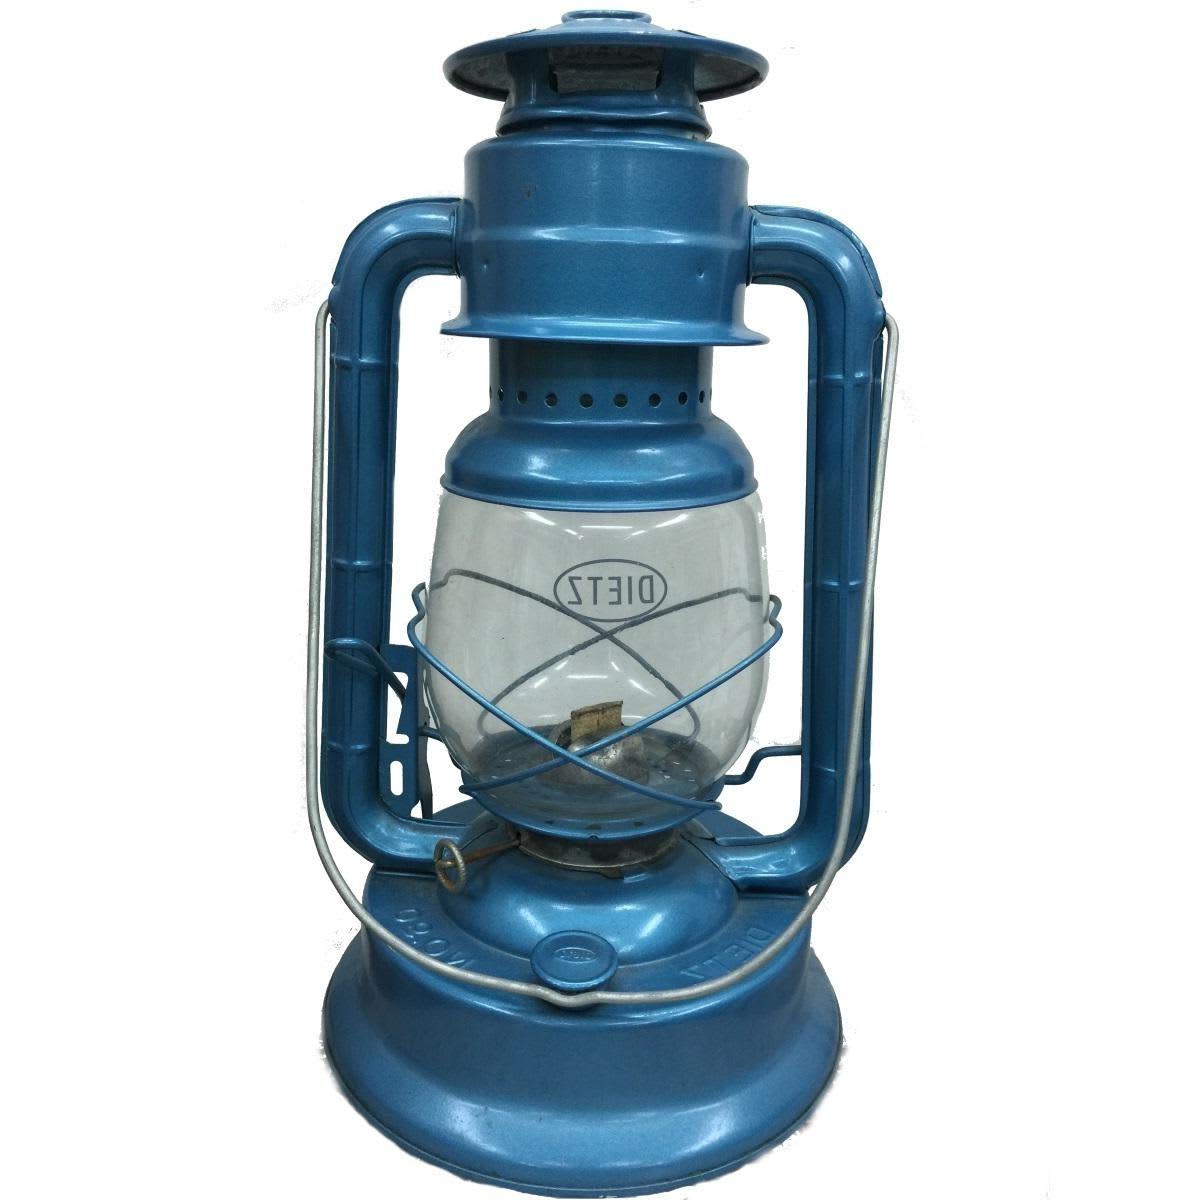 Dietz Kerosene Lantern Large With Regard To Trendy Outdoor Kerosene Lanterns (View 4 of 20)